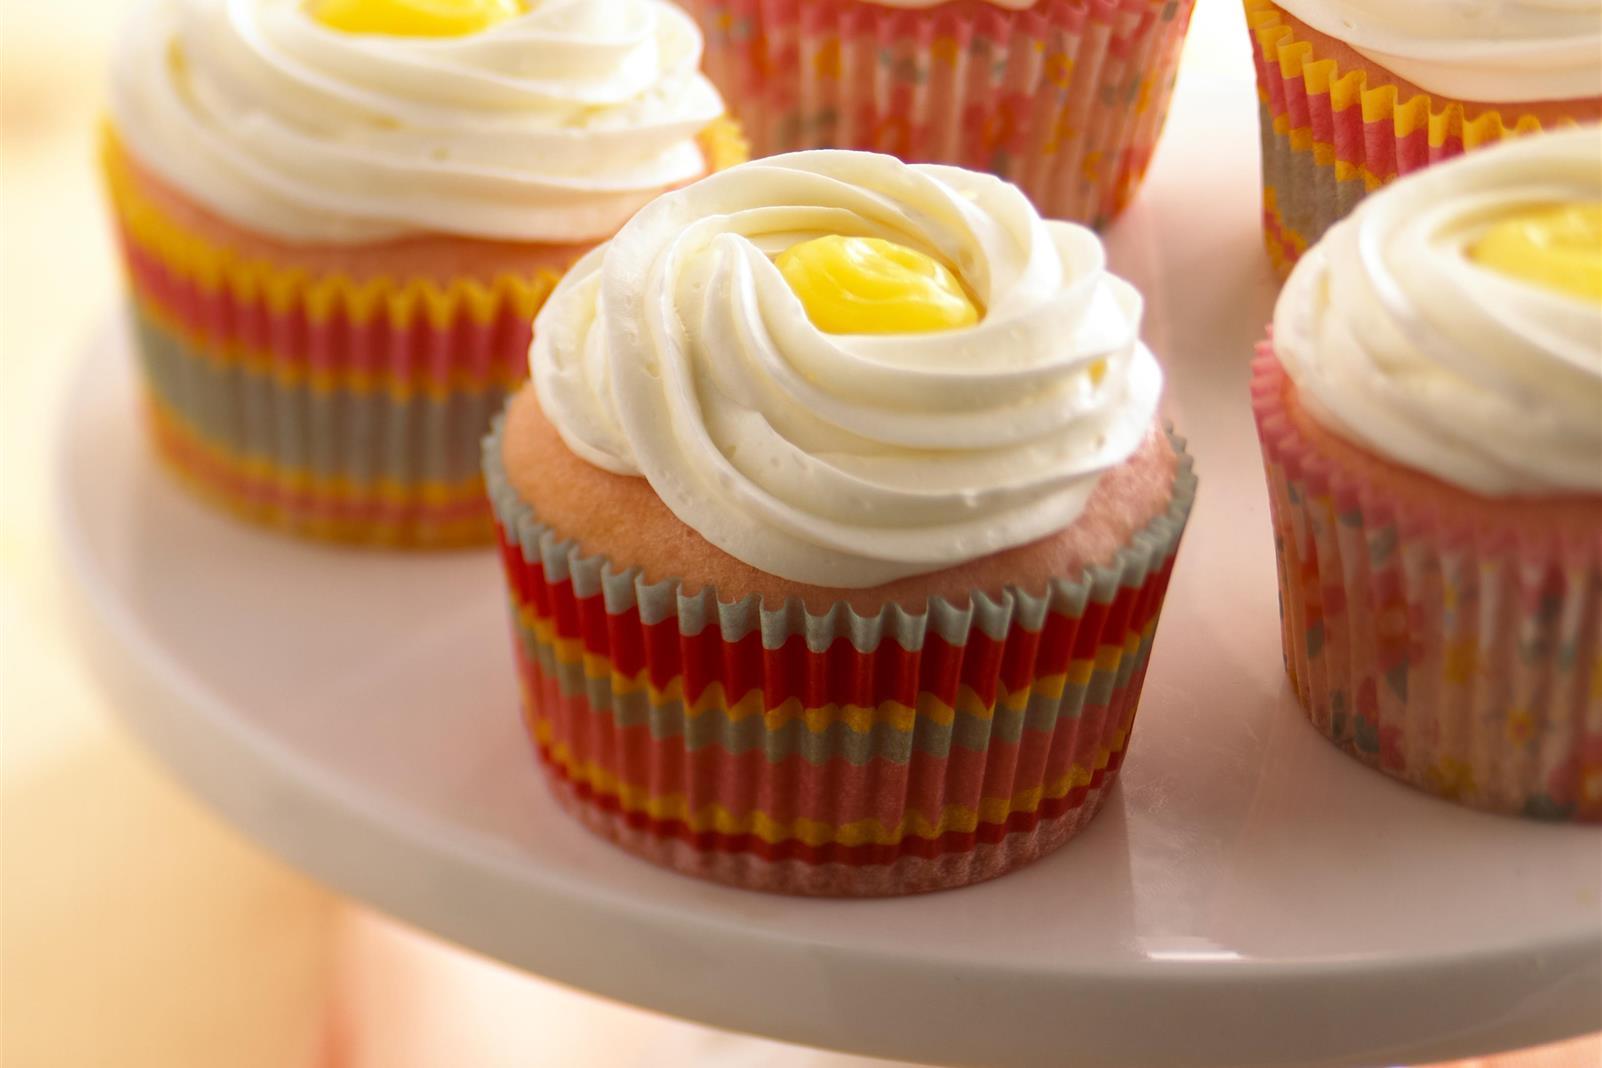 Stuffed Cran-Lemonade Cupcakes